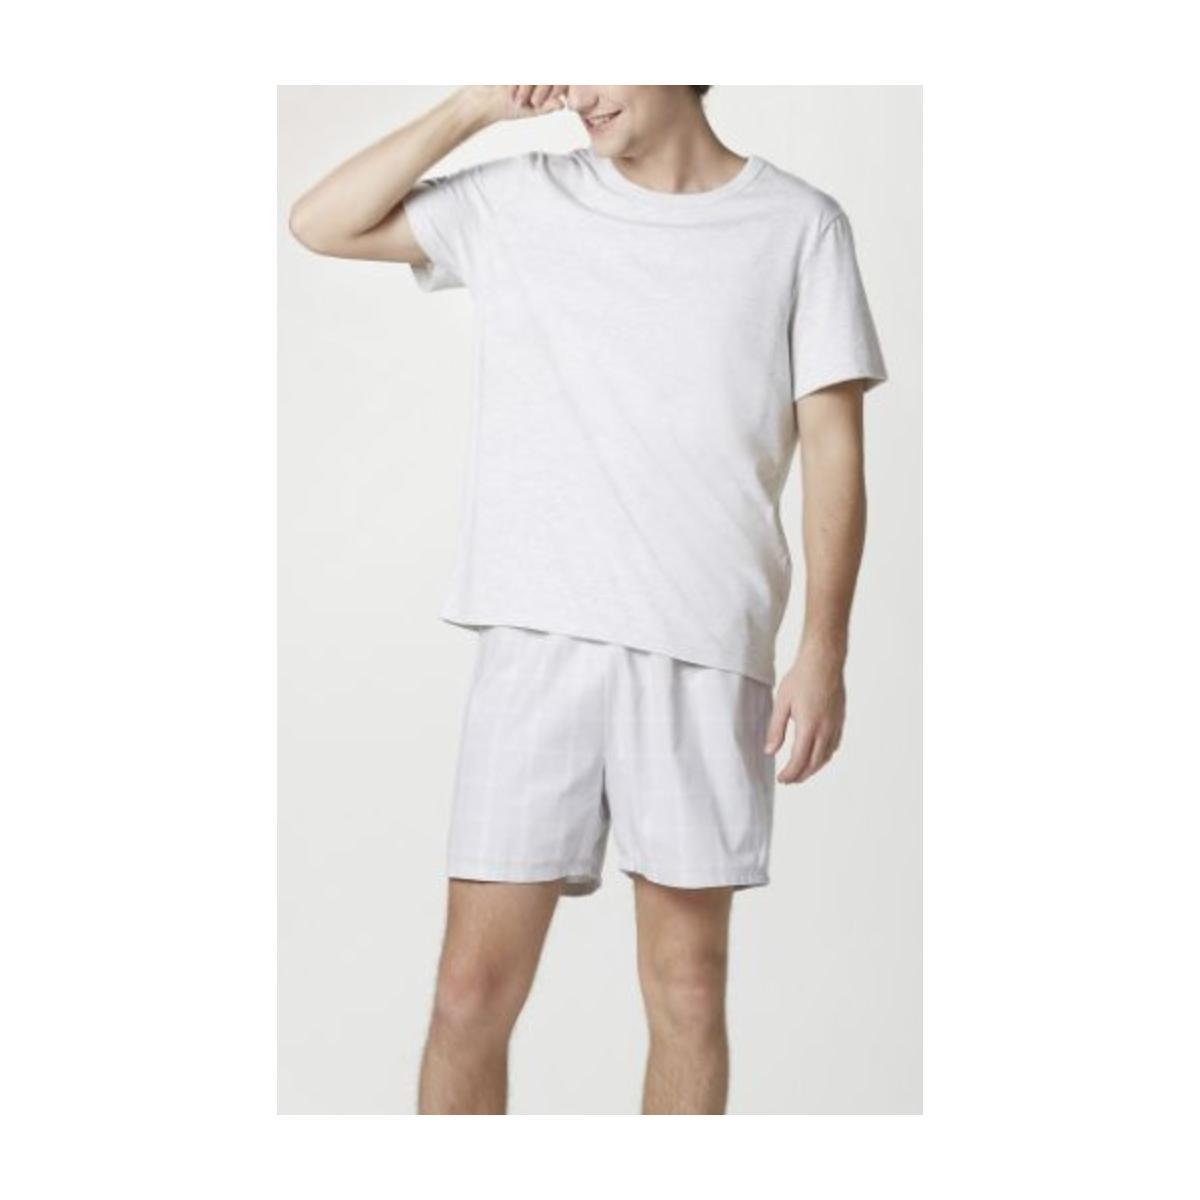 Pijama Masculina Hering Q8au 1cen Mescla/cinza Xadrez